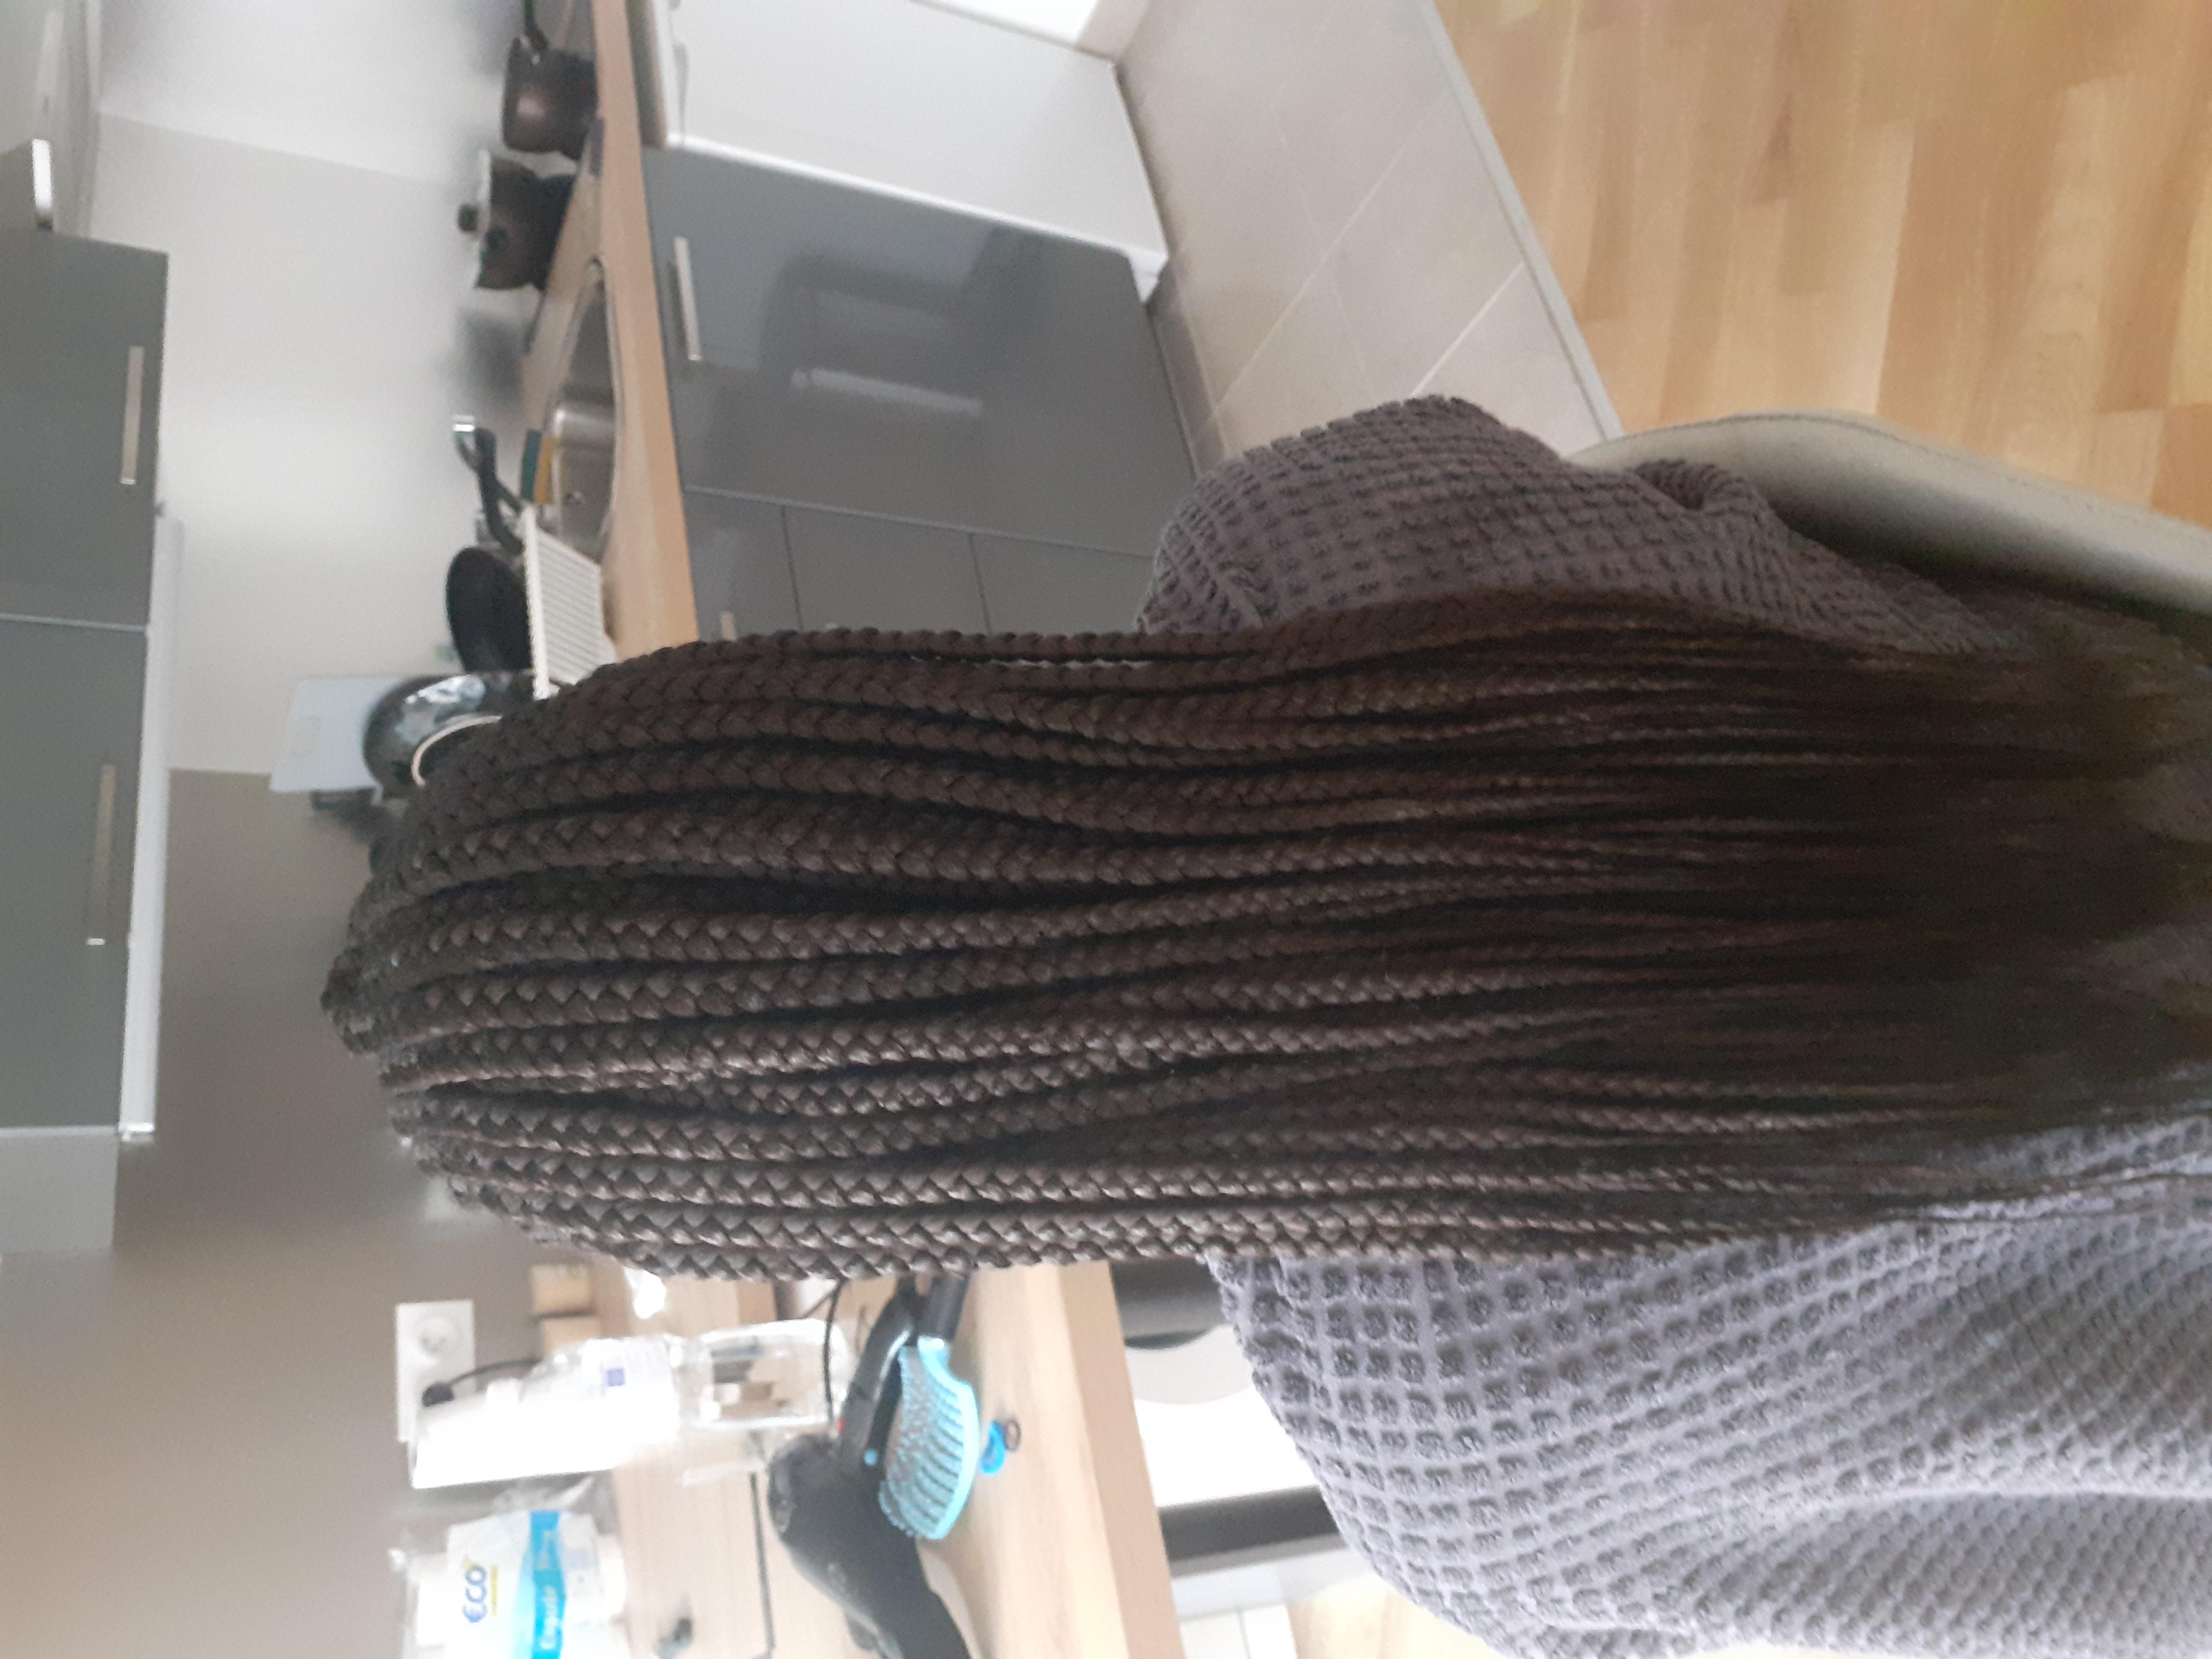 salon de coiffure afro tresse tresses box braids crochet braids vanilles tissages paris 75 77 78 91 92 93 94 95 UNBPGURL